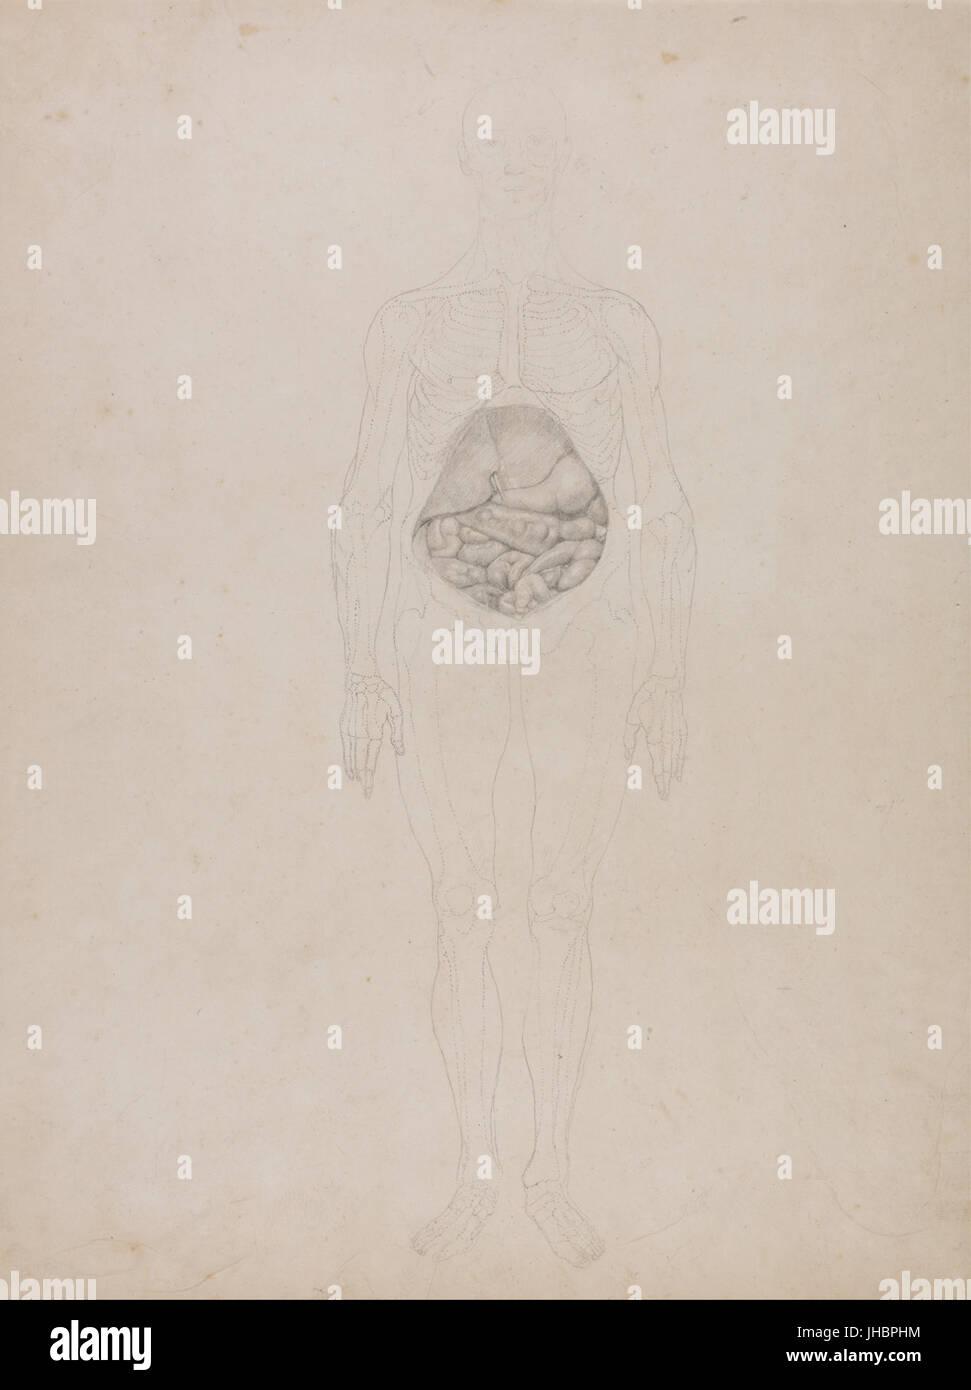 Großzügig Anatomie Struktur Des Menschlichen Körpers Bilder ...